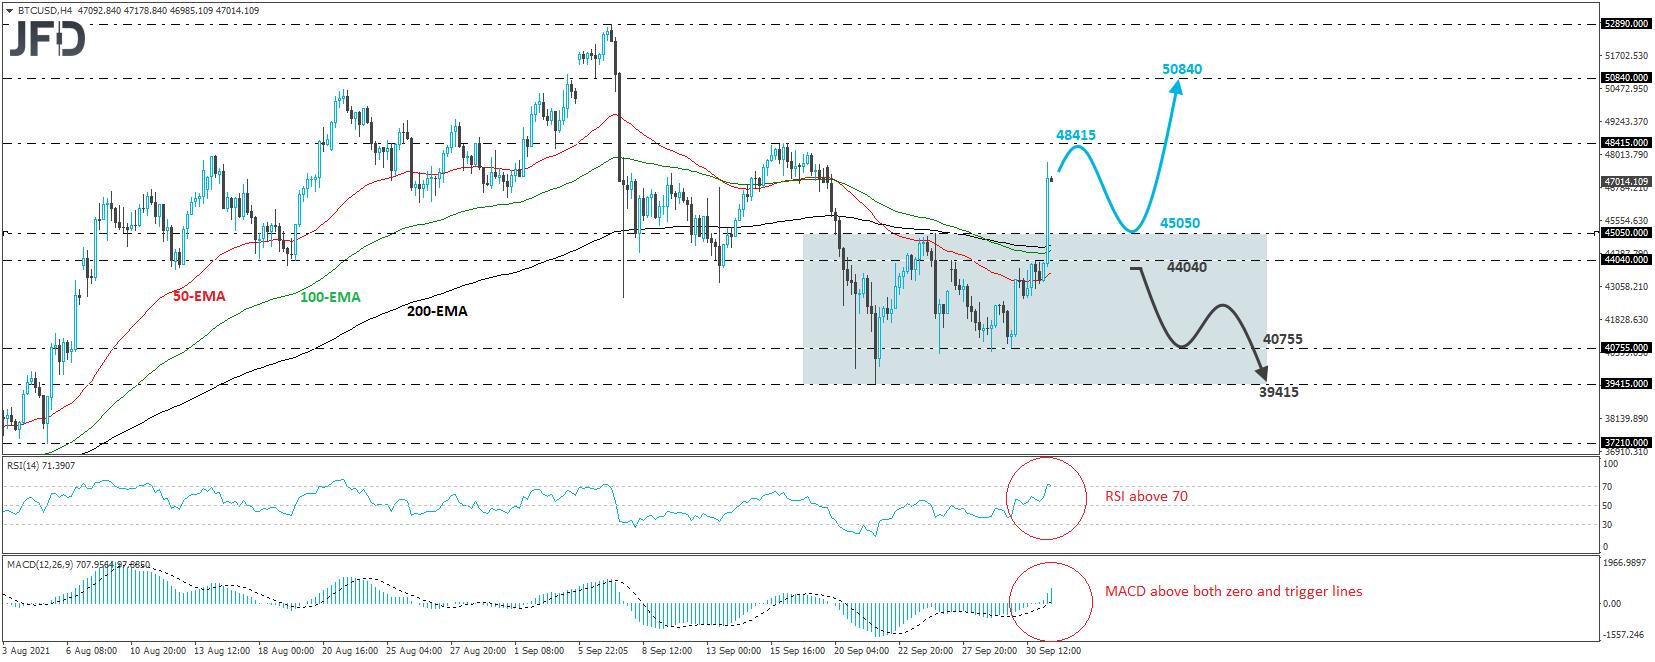 Bitcoin BTC/USD 4-hour chart technical analysis